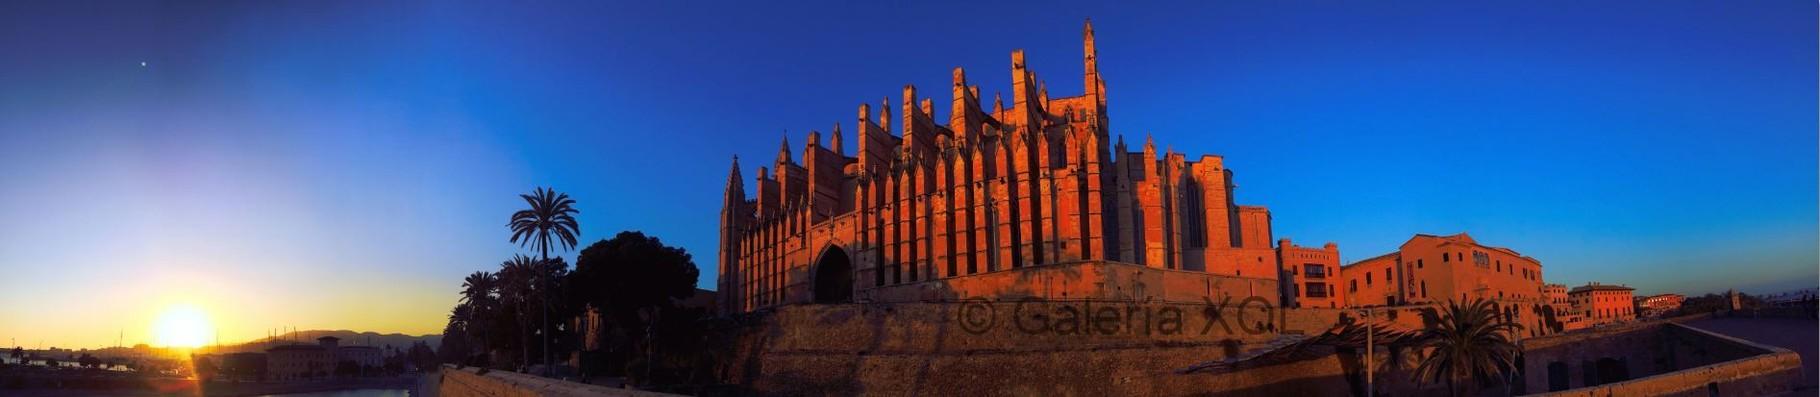 Al Atardecer (Beim Sonnenuntergang) - Catedral Palma de Mallorca